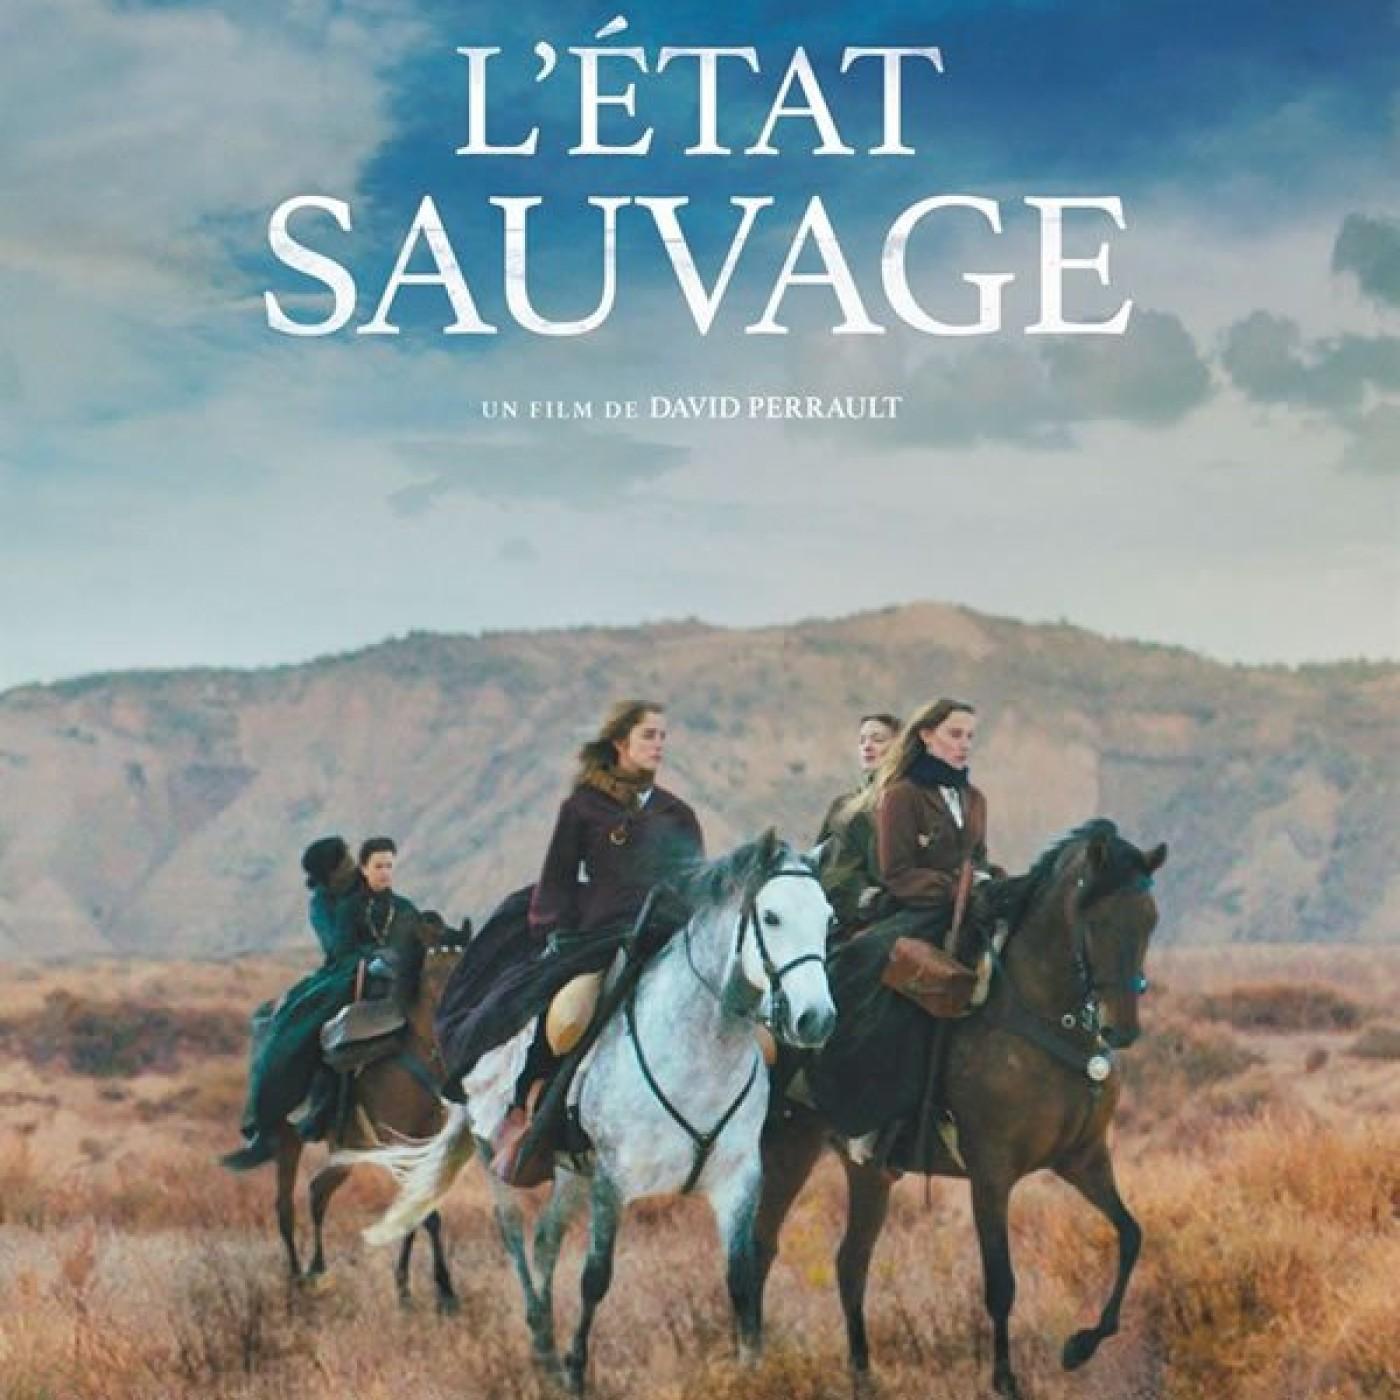 Critique du Film L'ÉTAT SAUVAGE